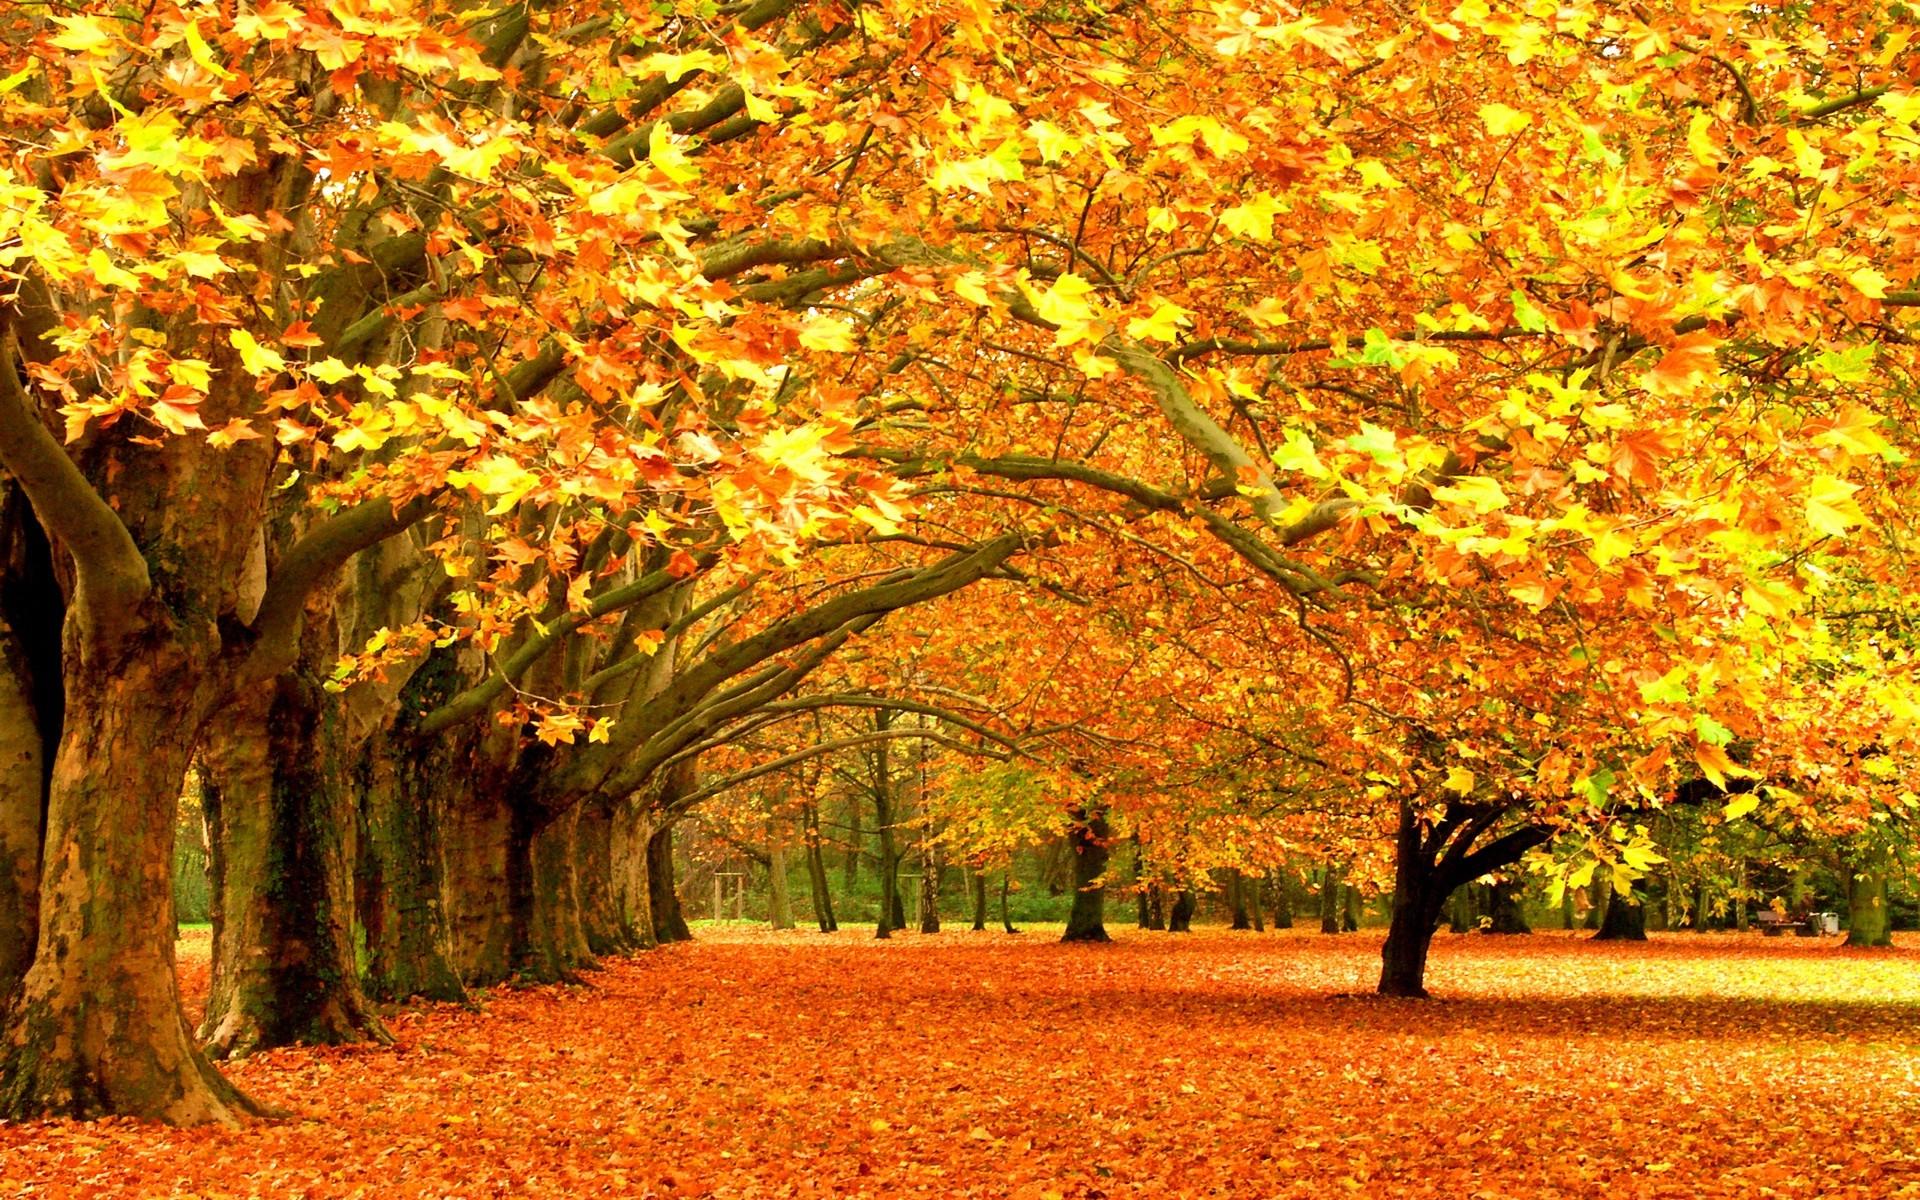 Autumn HD Wallpaper Widescreen